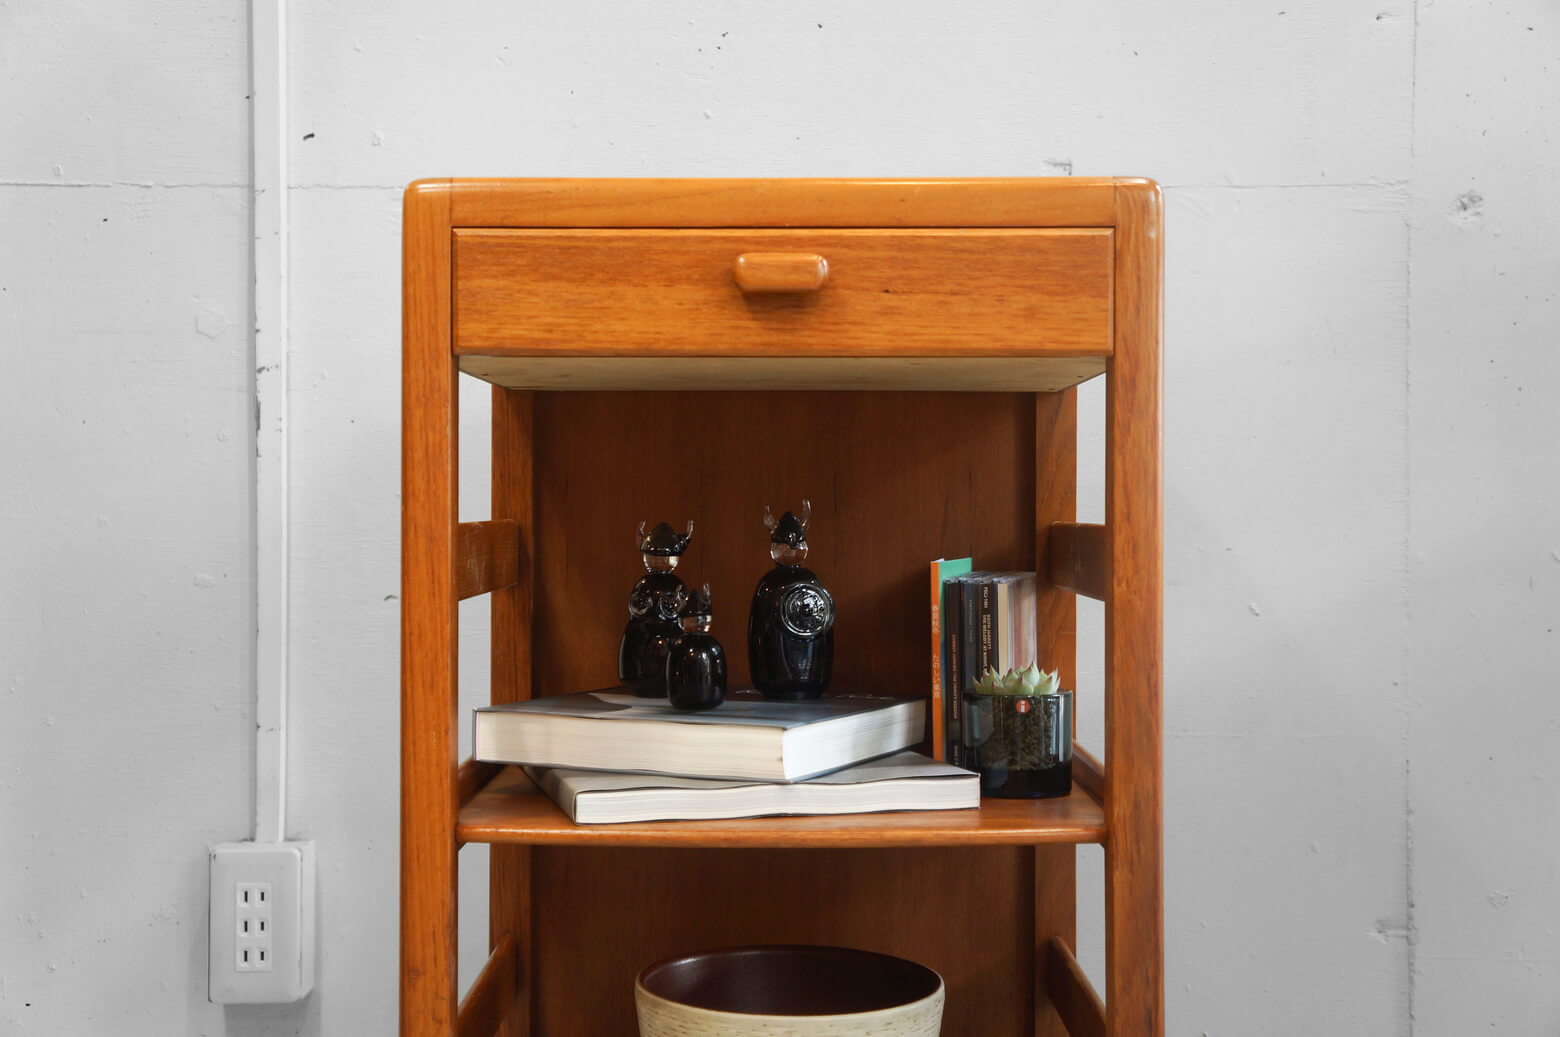 Japan Vintage Teakwood Side Shelf/日本製 ヴィンテージ チーク材 サイドシェルフ